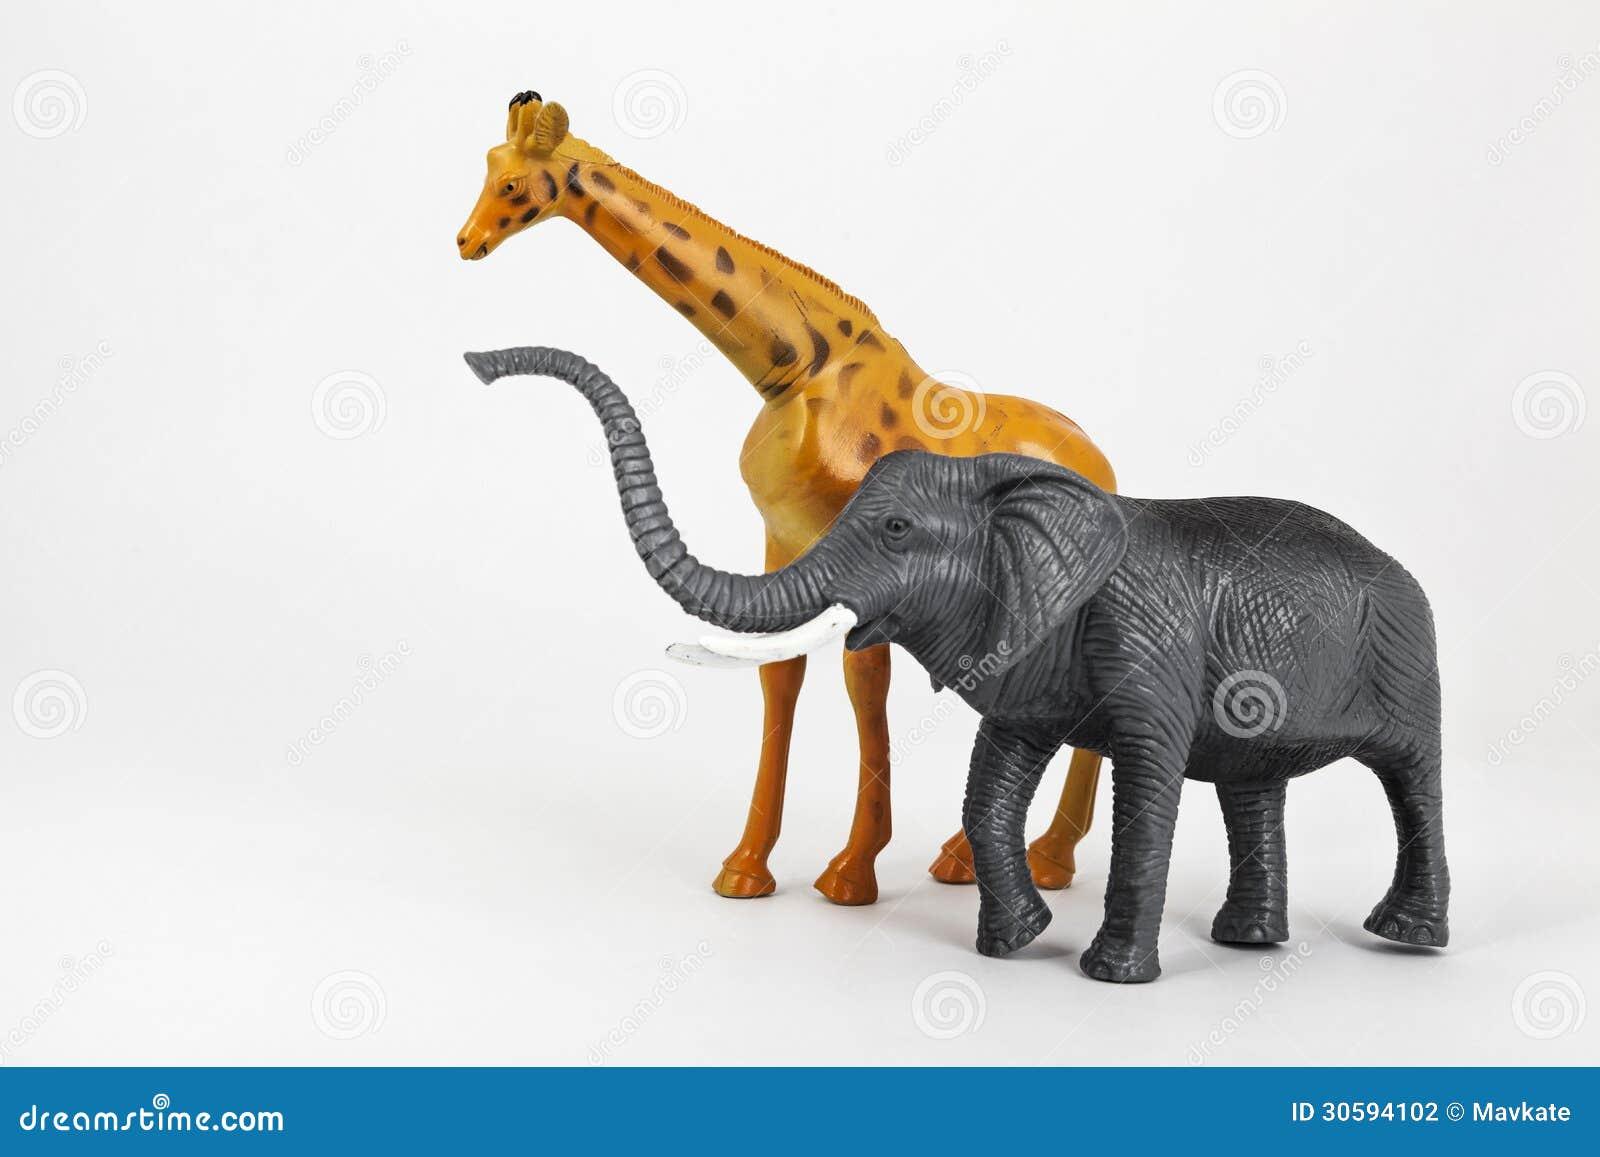 Animaux En Plastique Jouet animaux en plastique girafe et éléphant de jouet photo stock